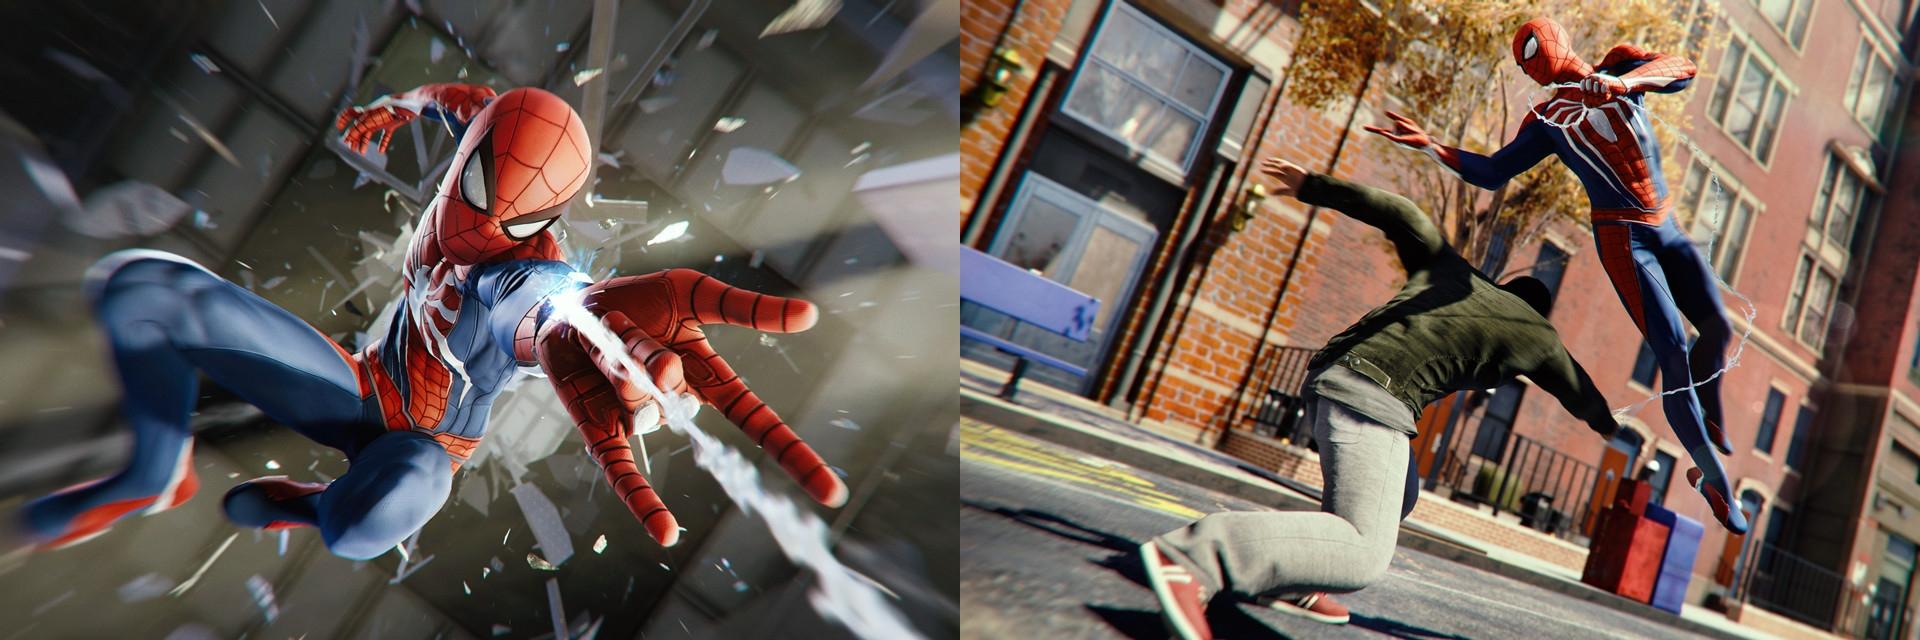 【講 GAME 話】爽逛紐約曼哈頓!《漫威蜘蛛人》開放式遊戲場景 你就是市民們「友善的好鄰居」!